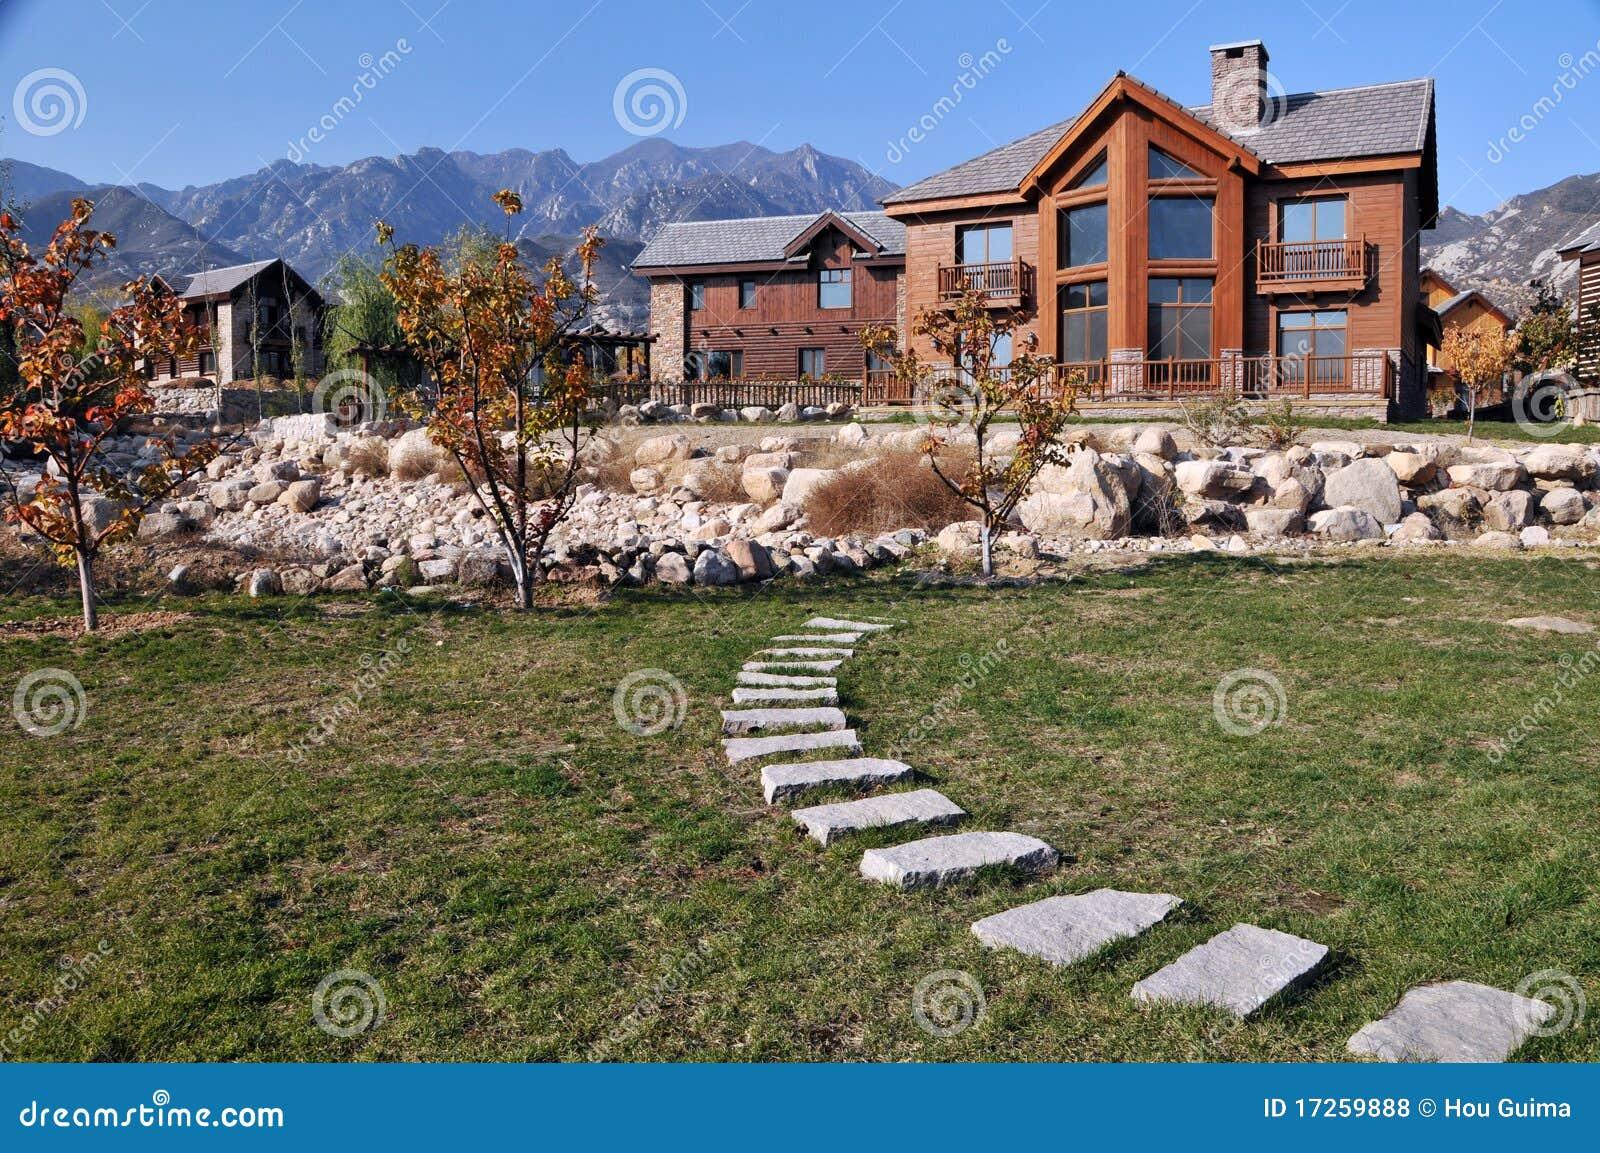 Casa de campo moderna fotos de stock royalty free imagem - Casas de campo modernas ...